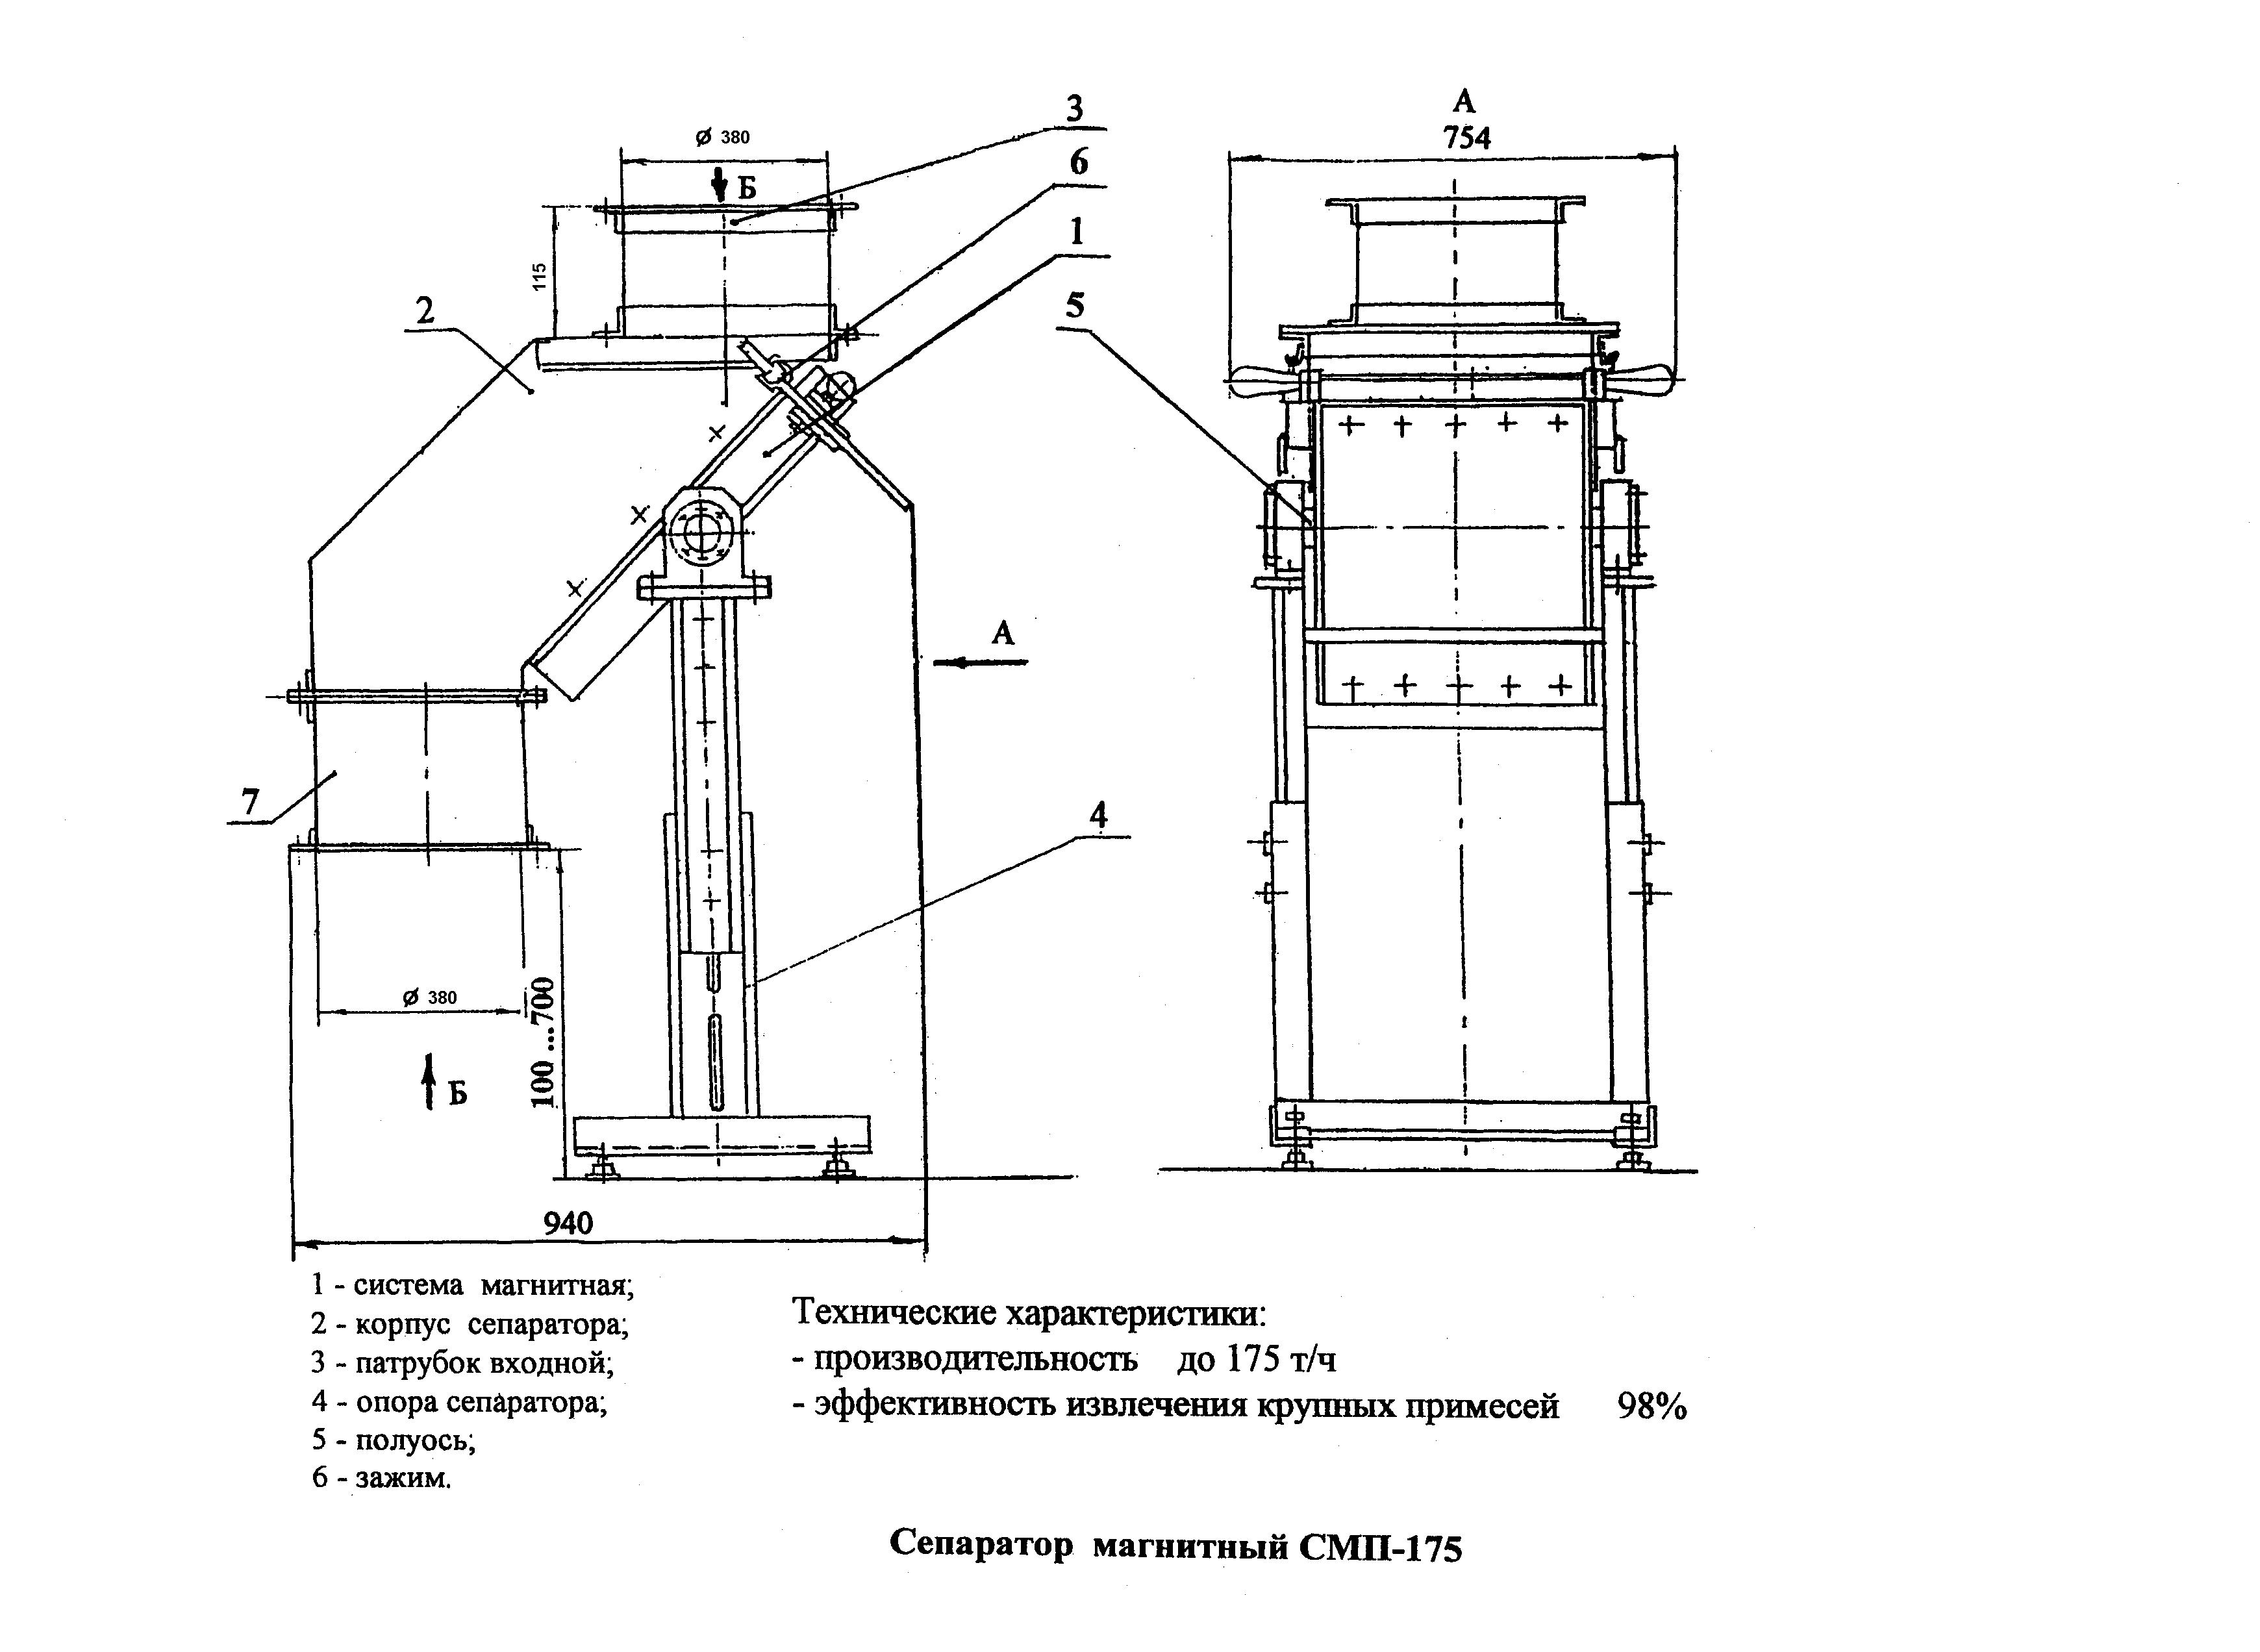 Чертеж сепаратора СМП-175